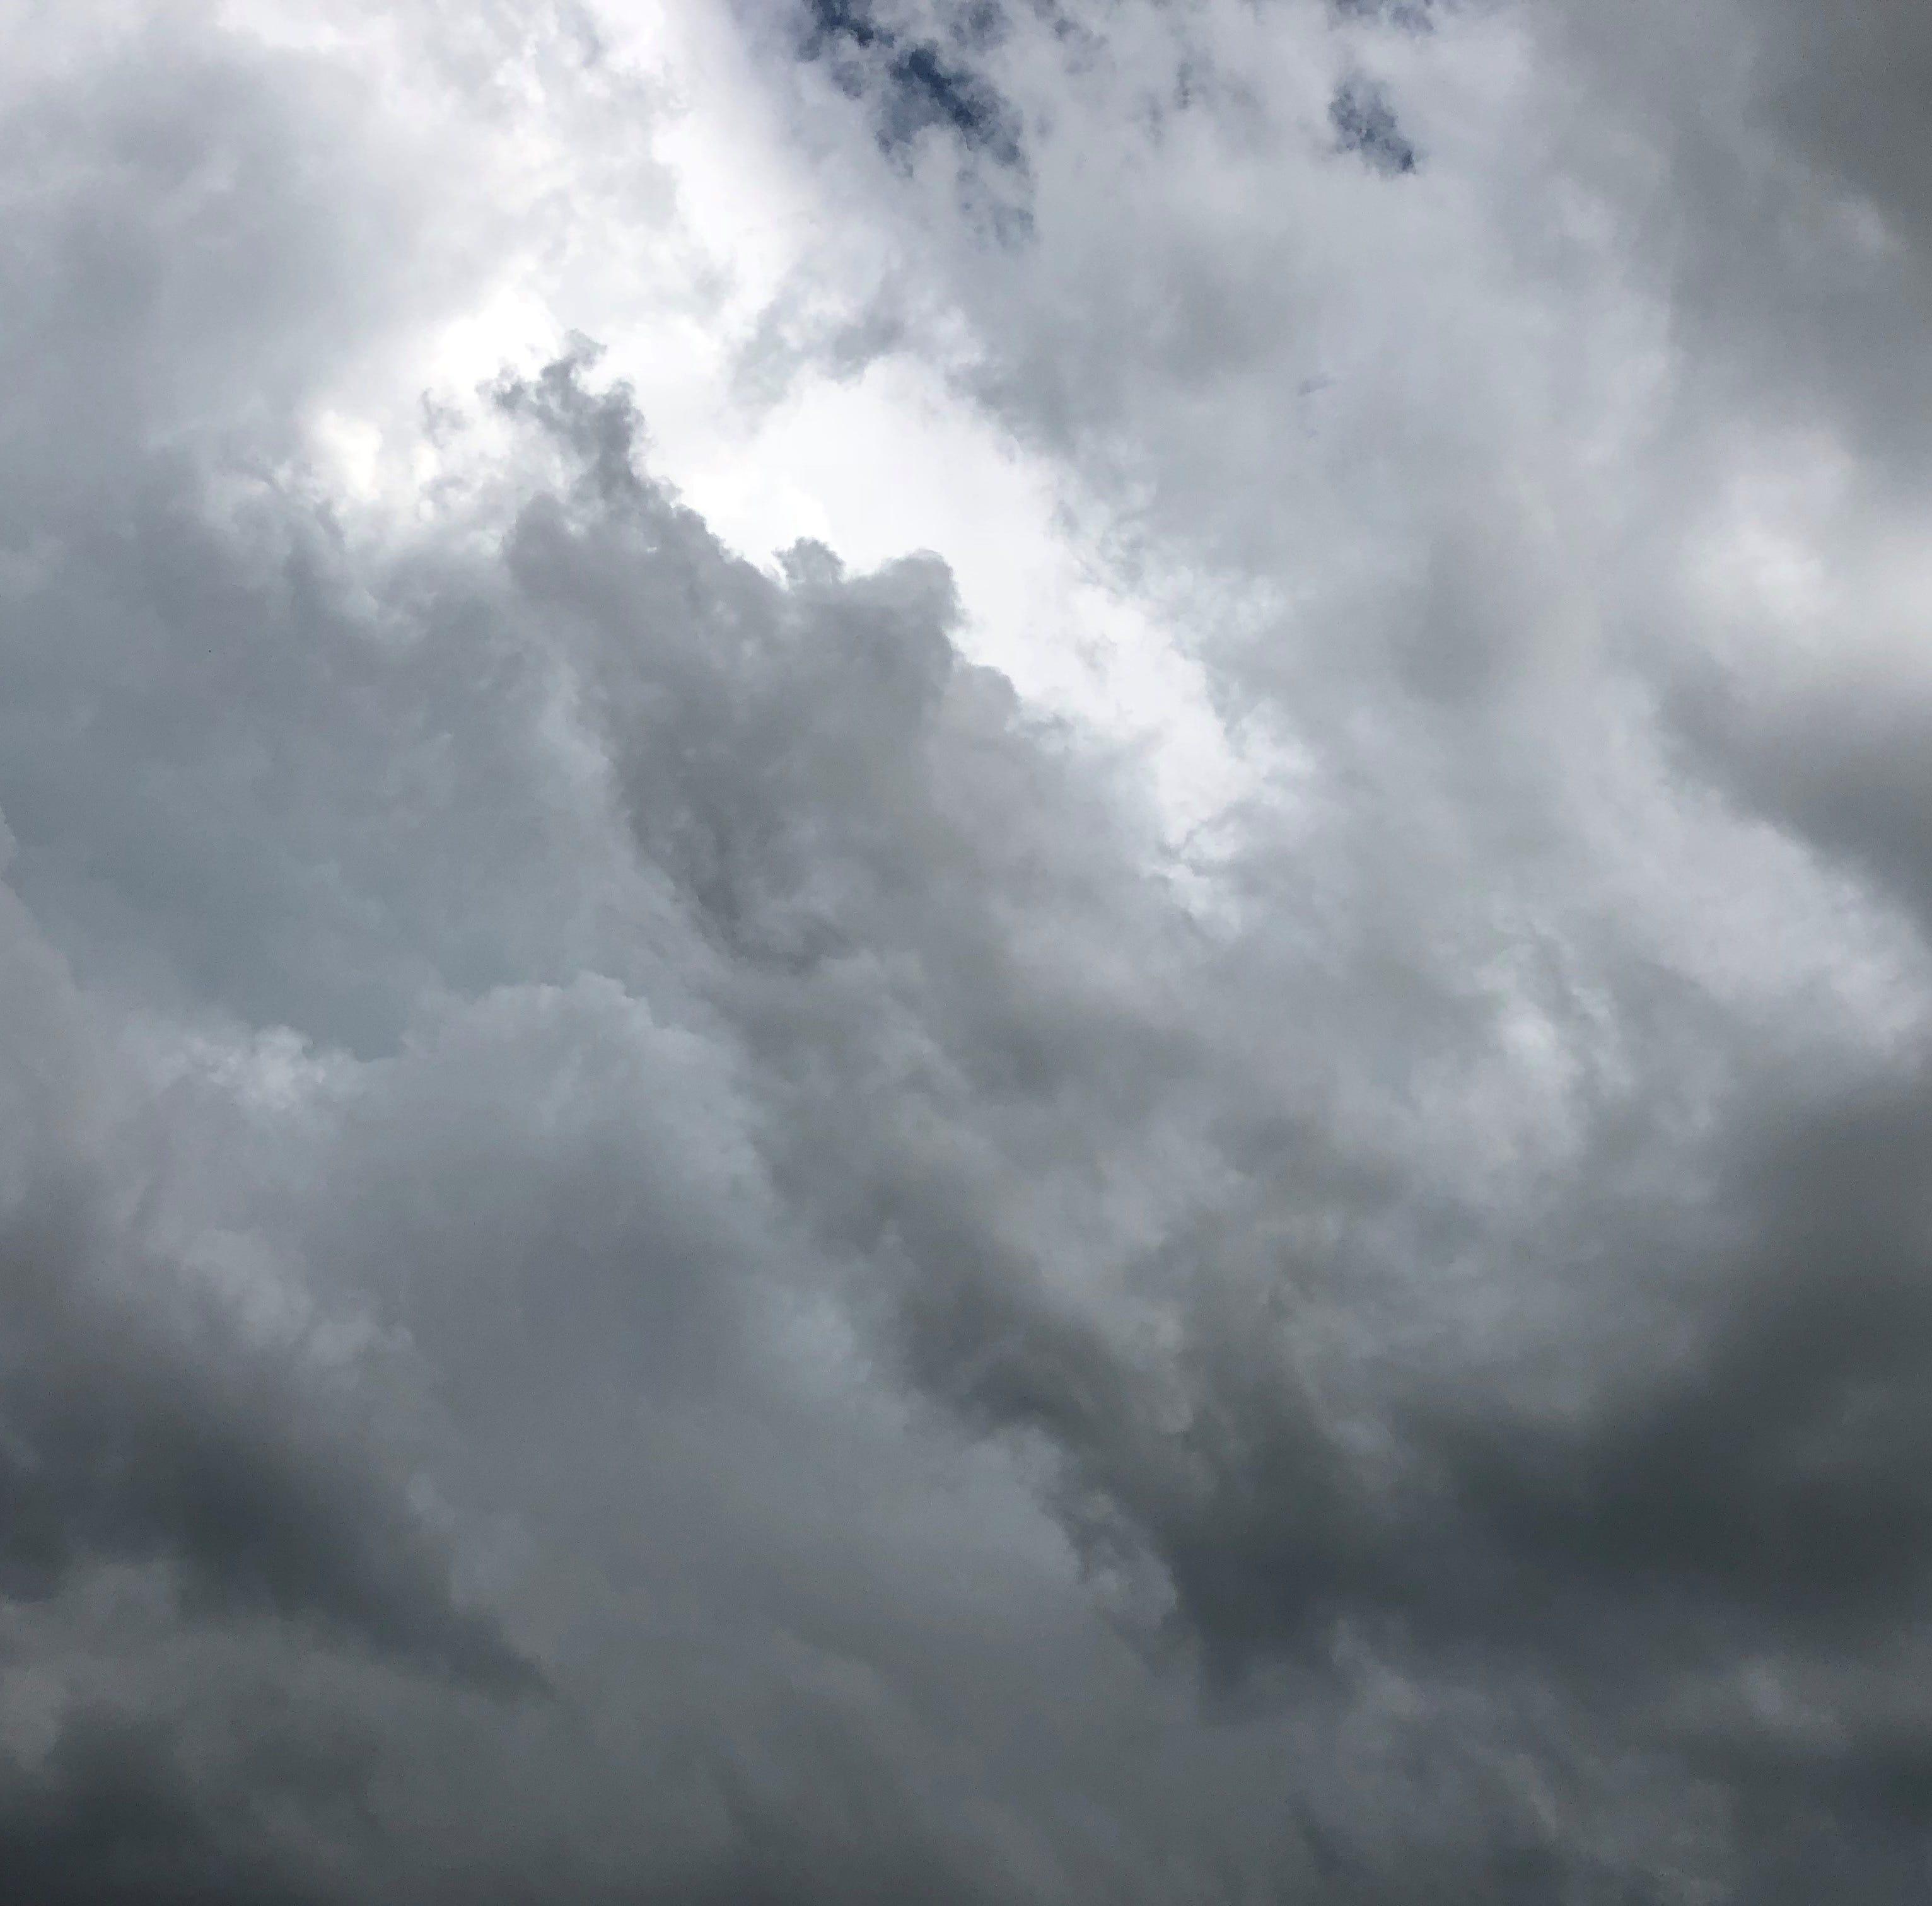 A file photo of dark clouds.